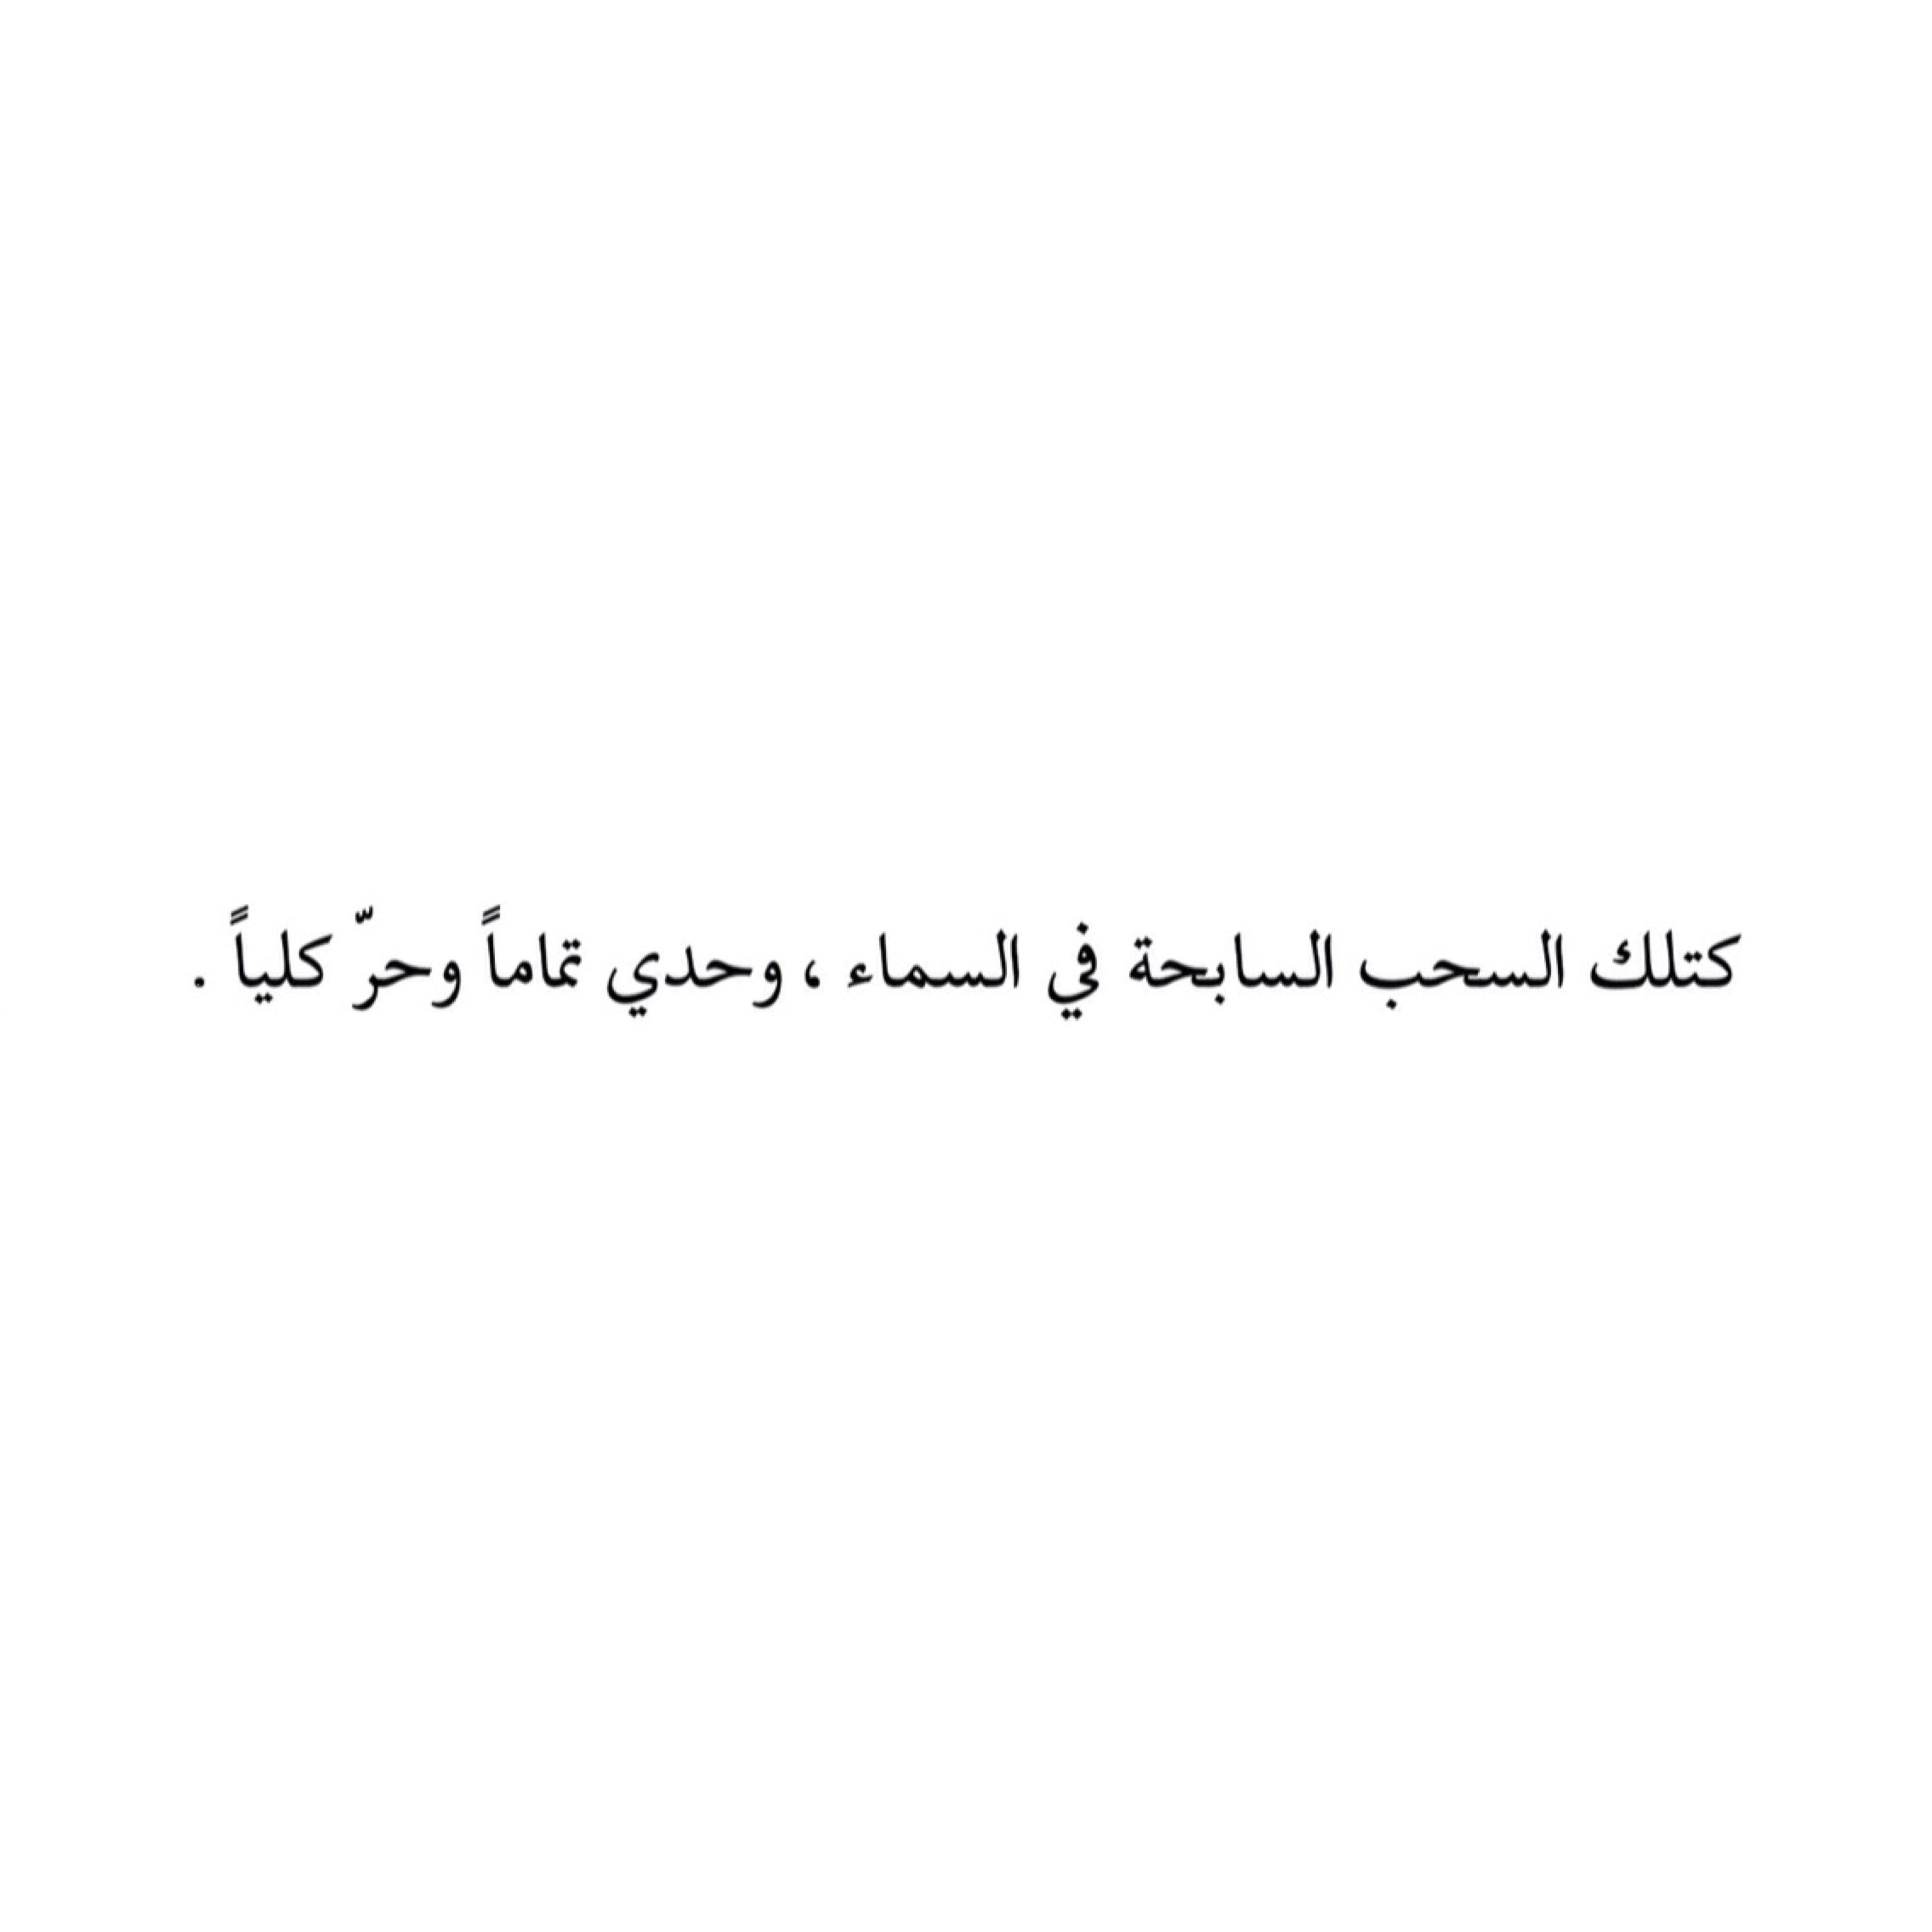 كتلك السحب السابحه في السماء وحدي تماما و حر كليا Cool Words Crush Quotes Beautiful Arabic Words